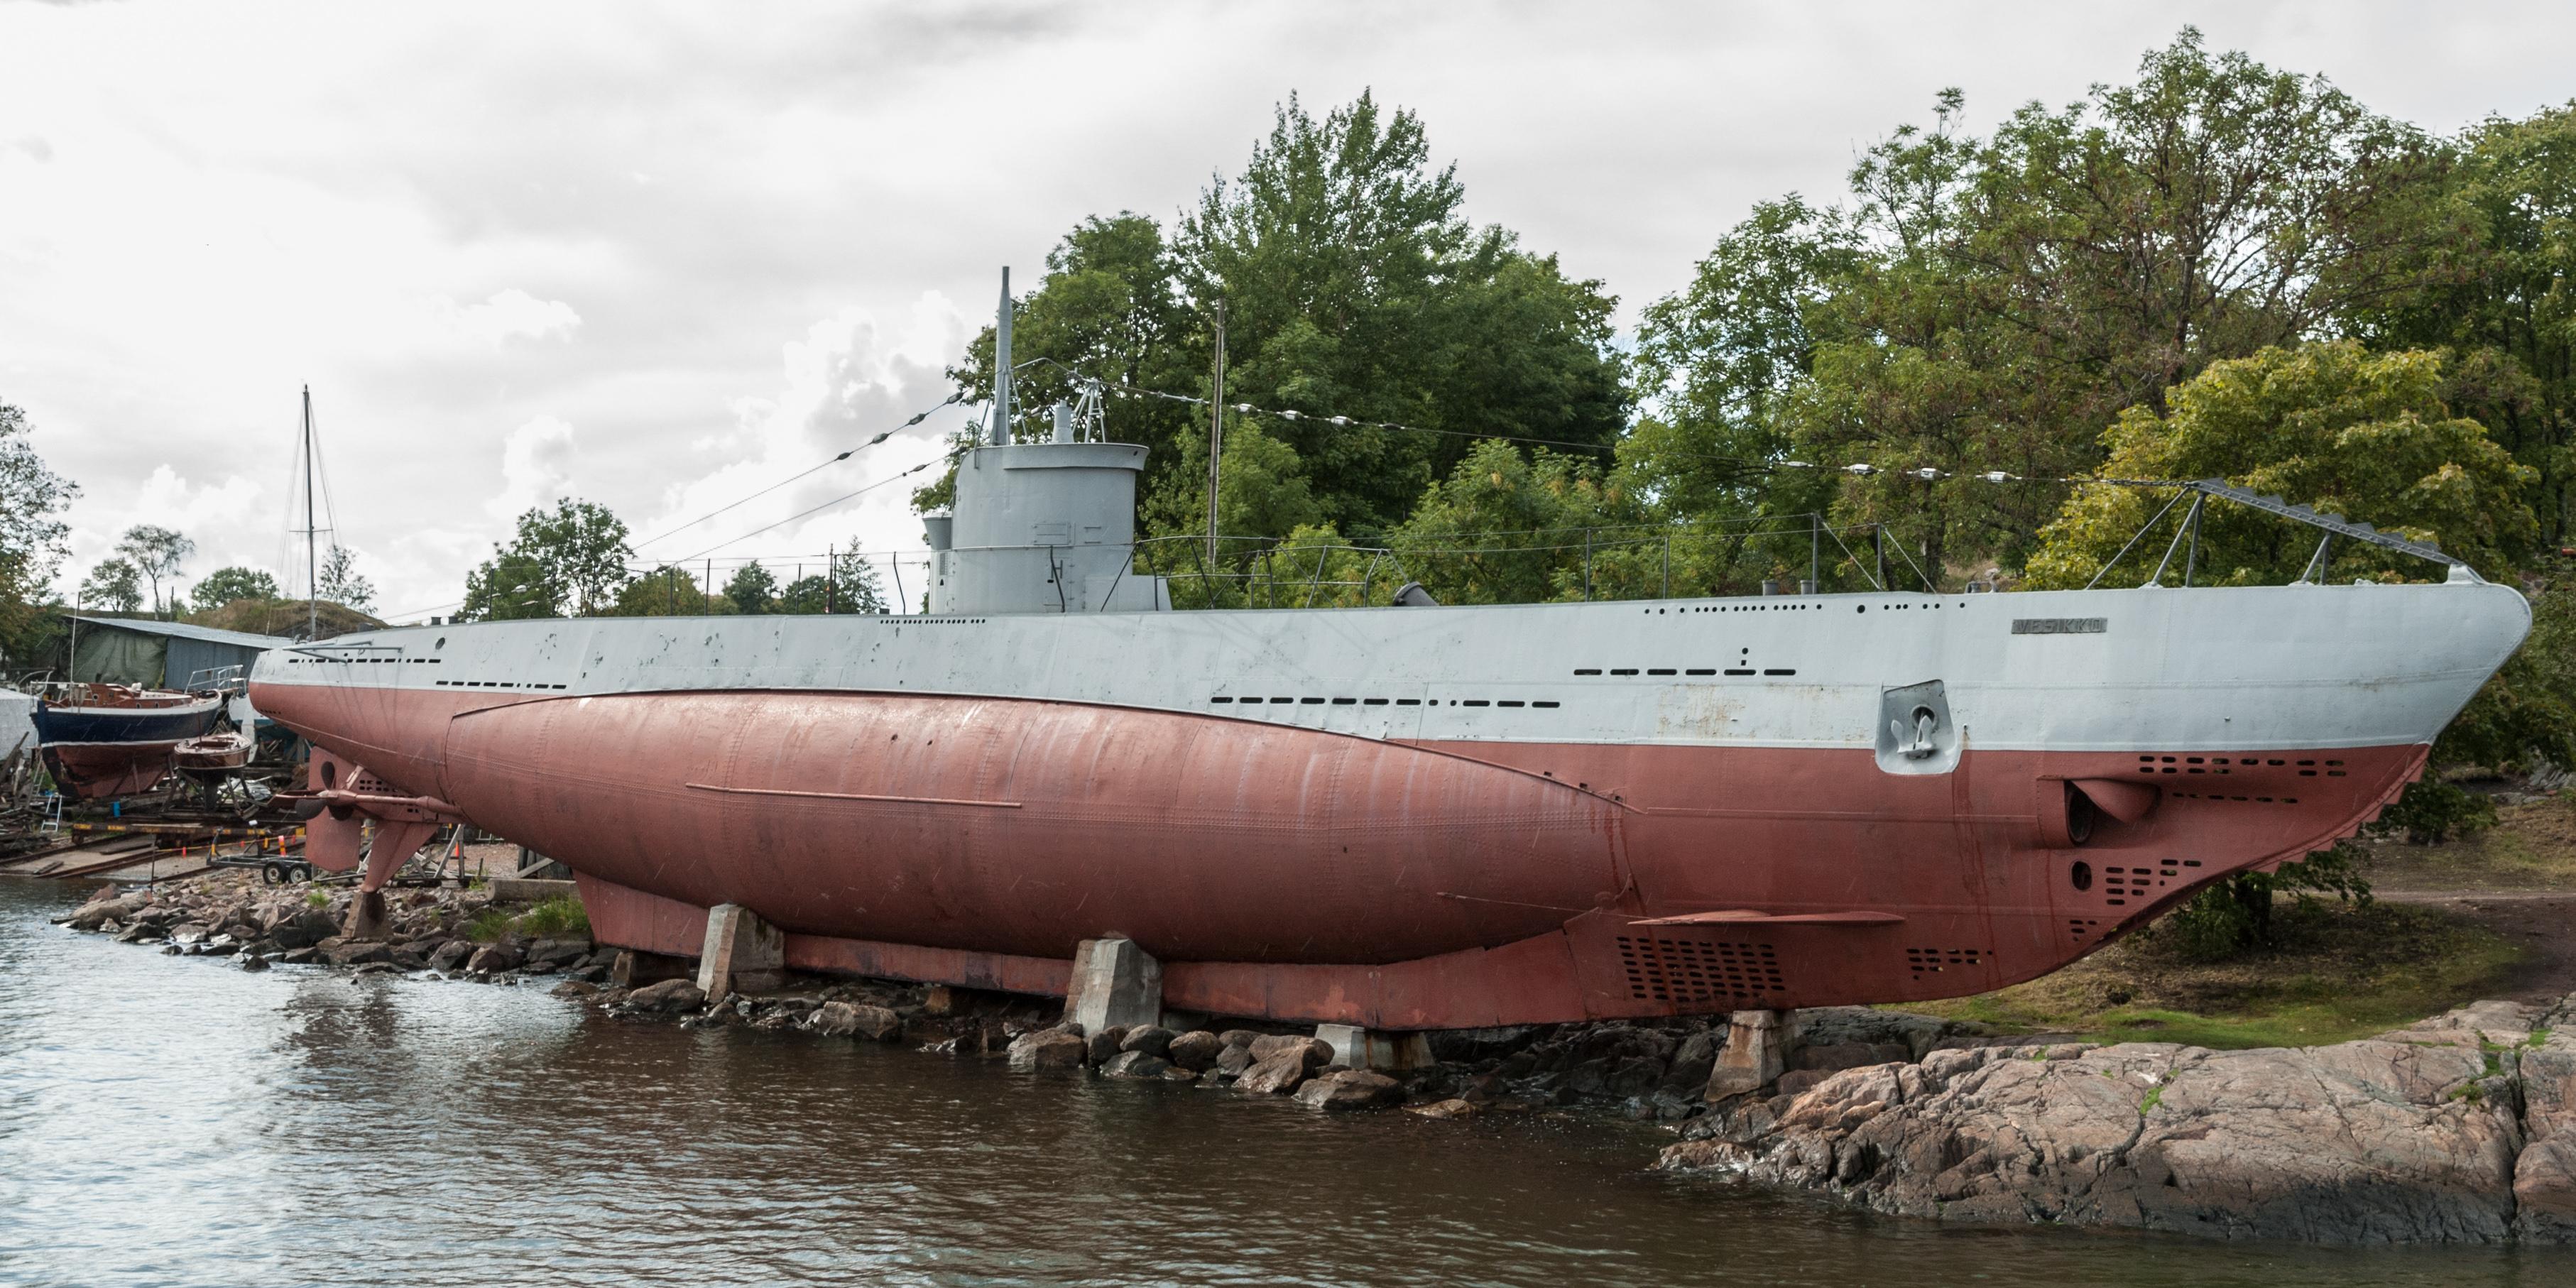 Αποτέλεσμα εικόνας για vesikko submarine